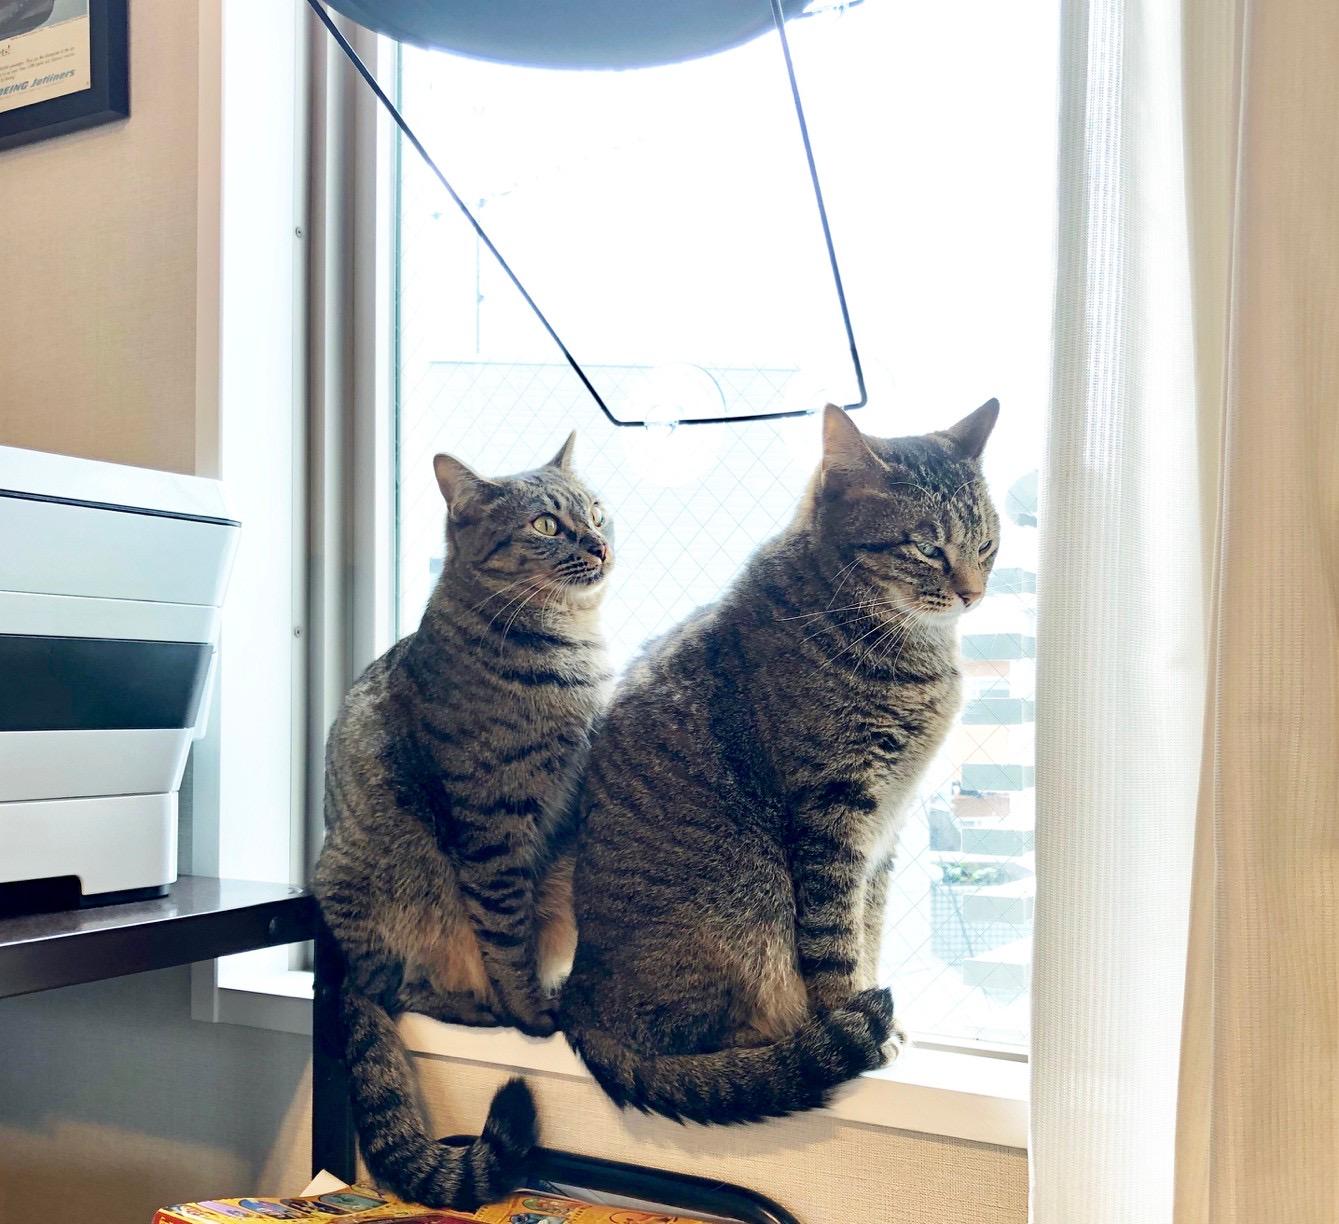 仕事部屋の窓辺でお外を監視中のサンちゃんとがんくん